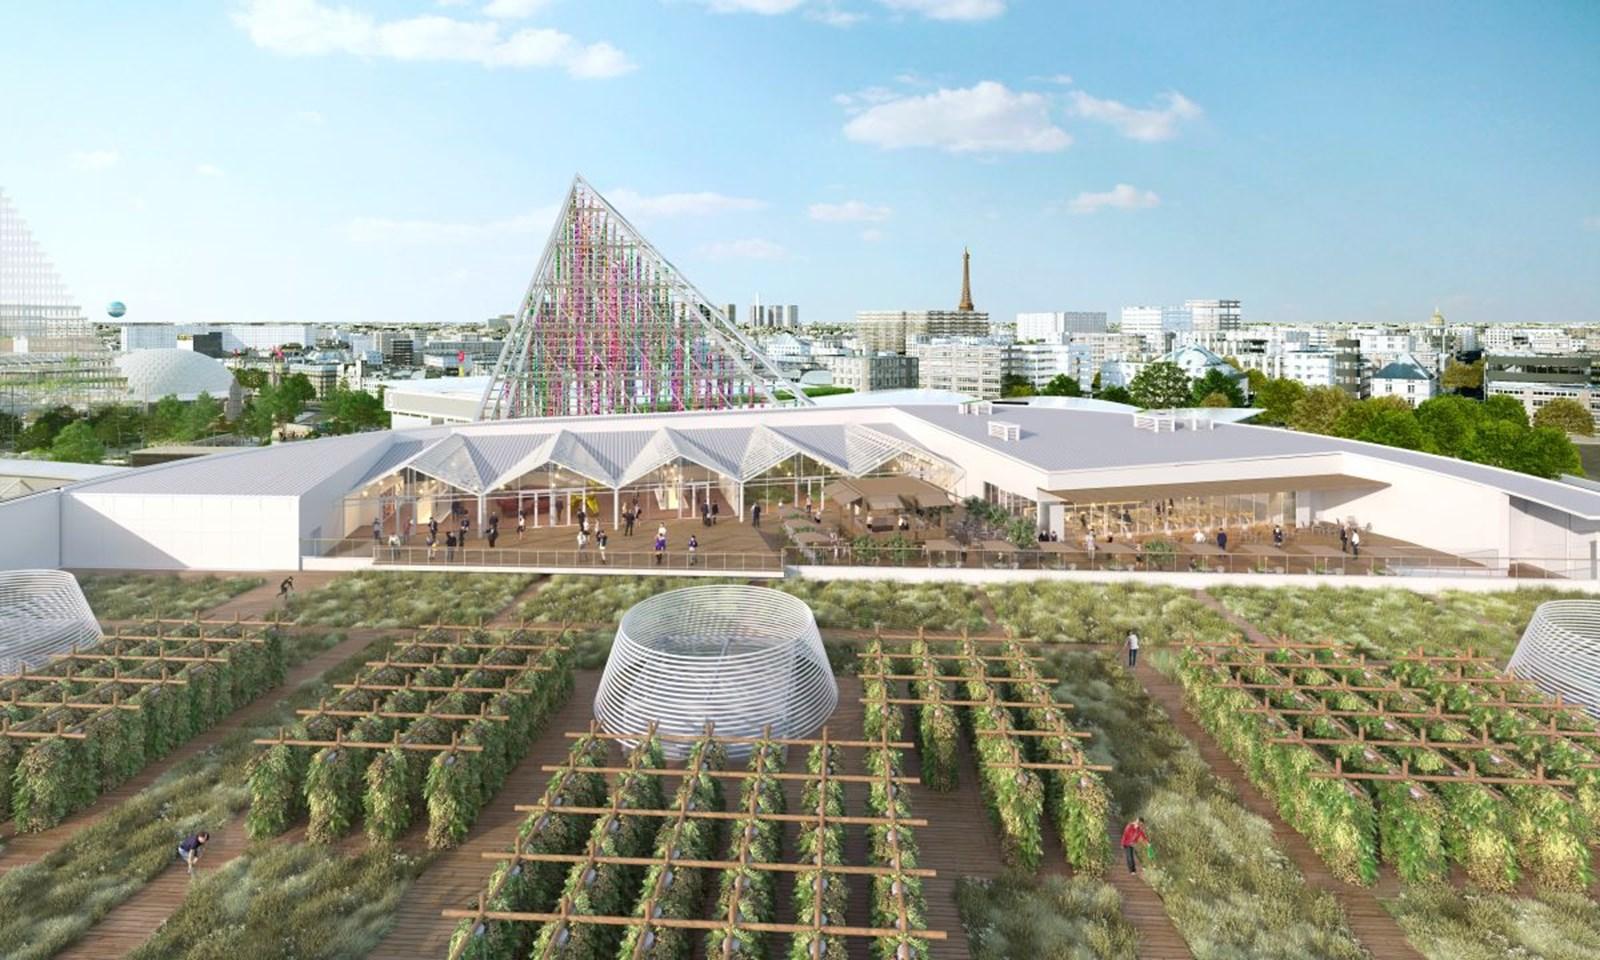 Gemüse von oben: Paris baut die größte Dachfarm der Welt – derStandard.at